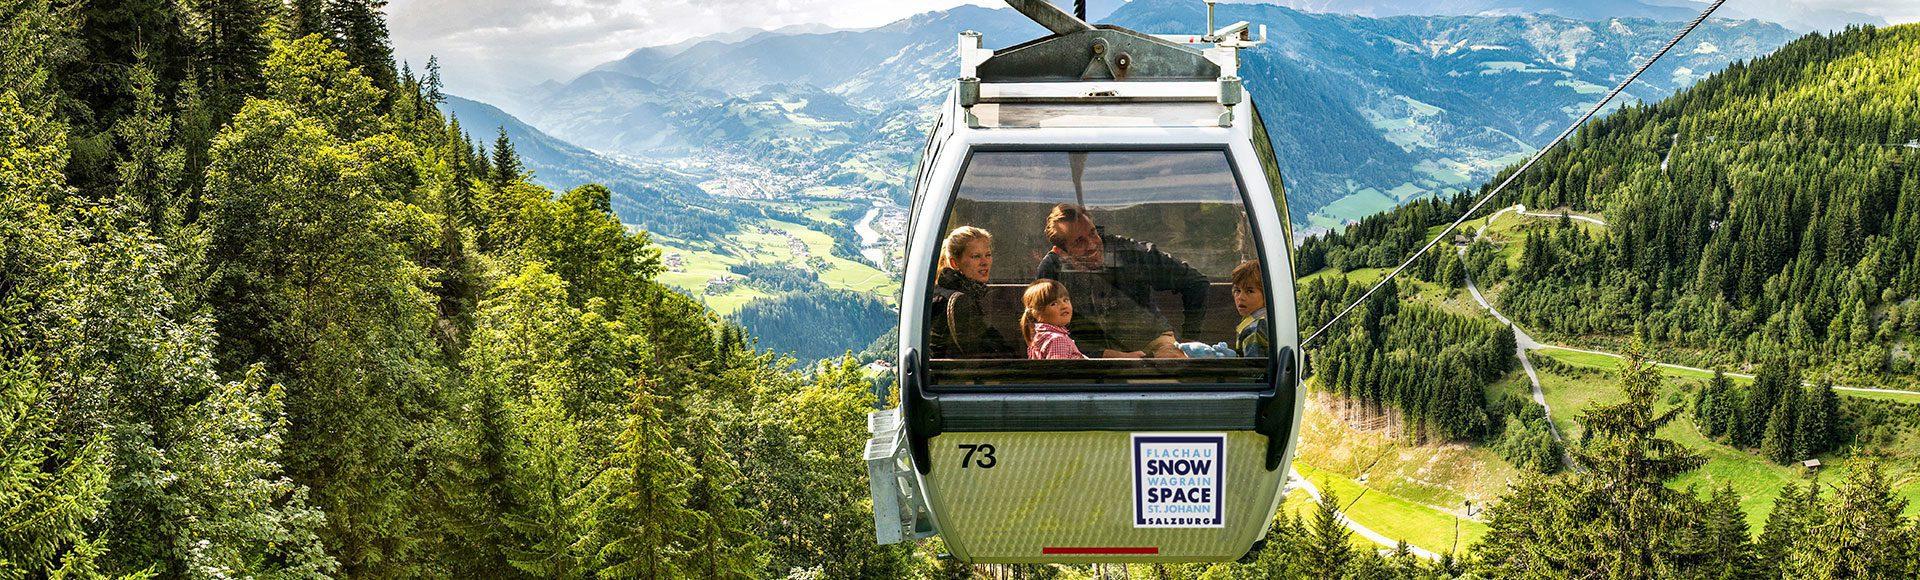 Sommerliftln Alpendorf Bergbahnen Ag Coen Kossmann 1